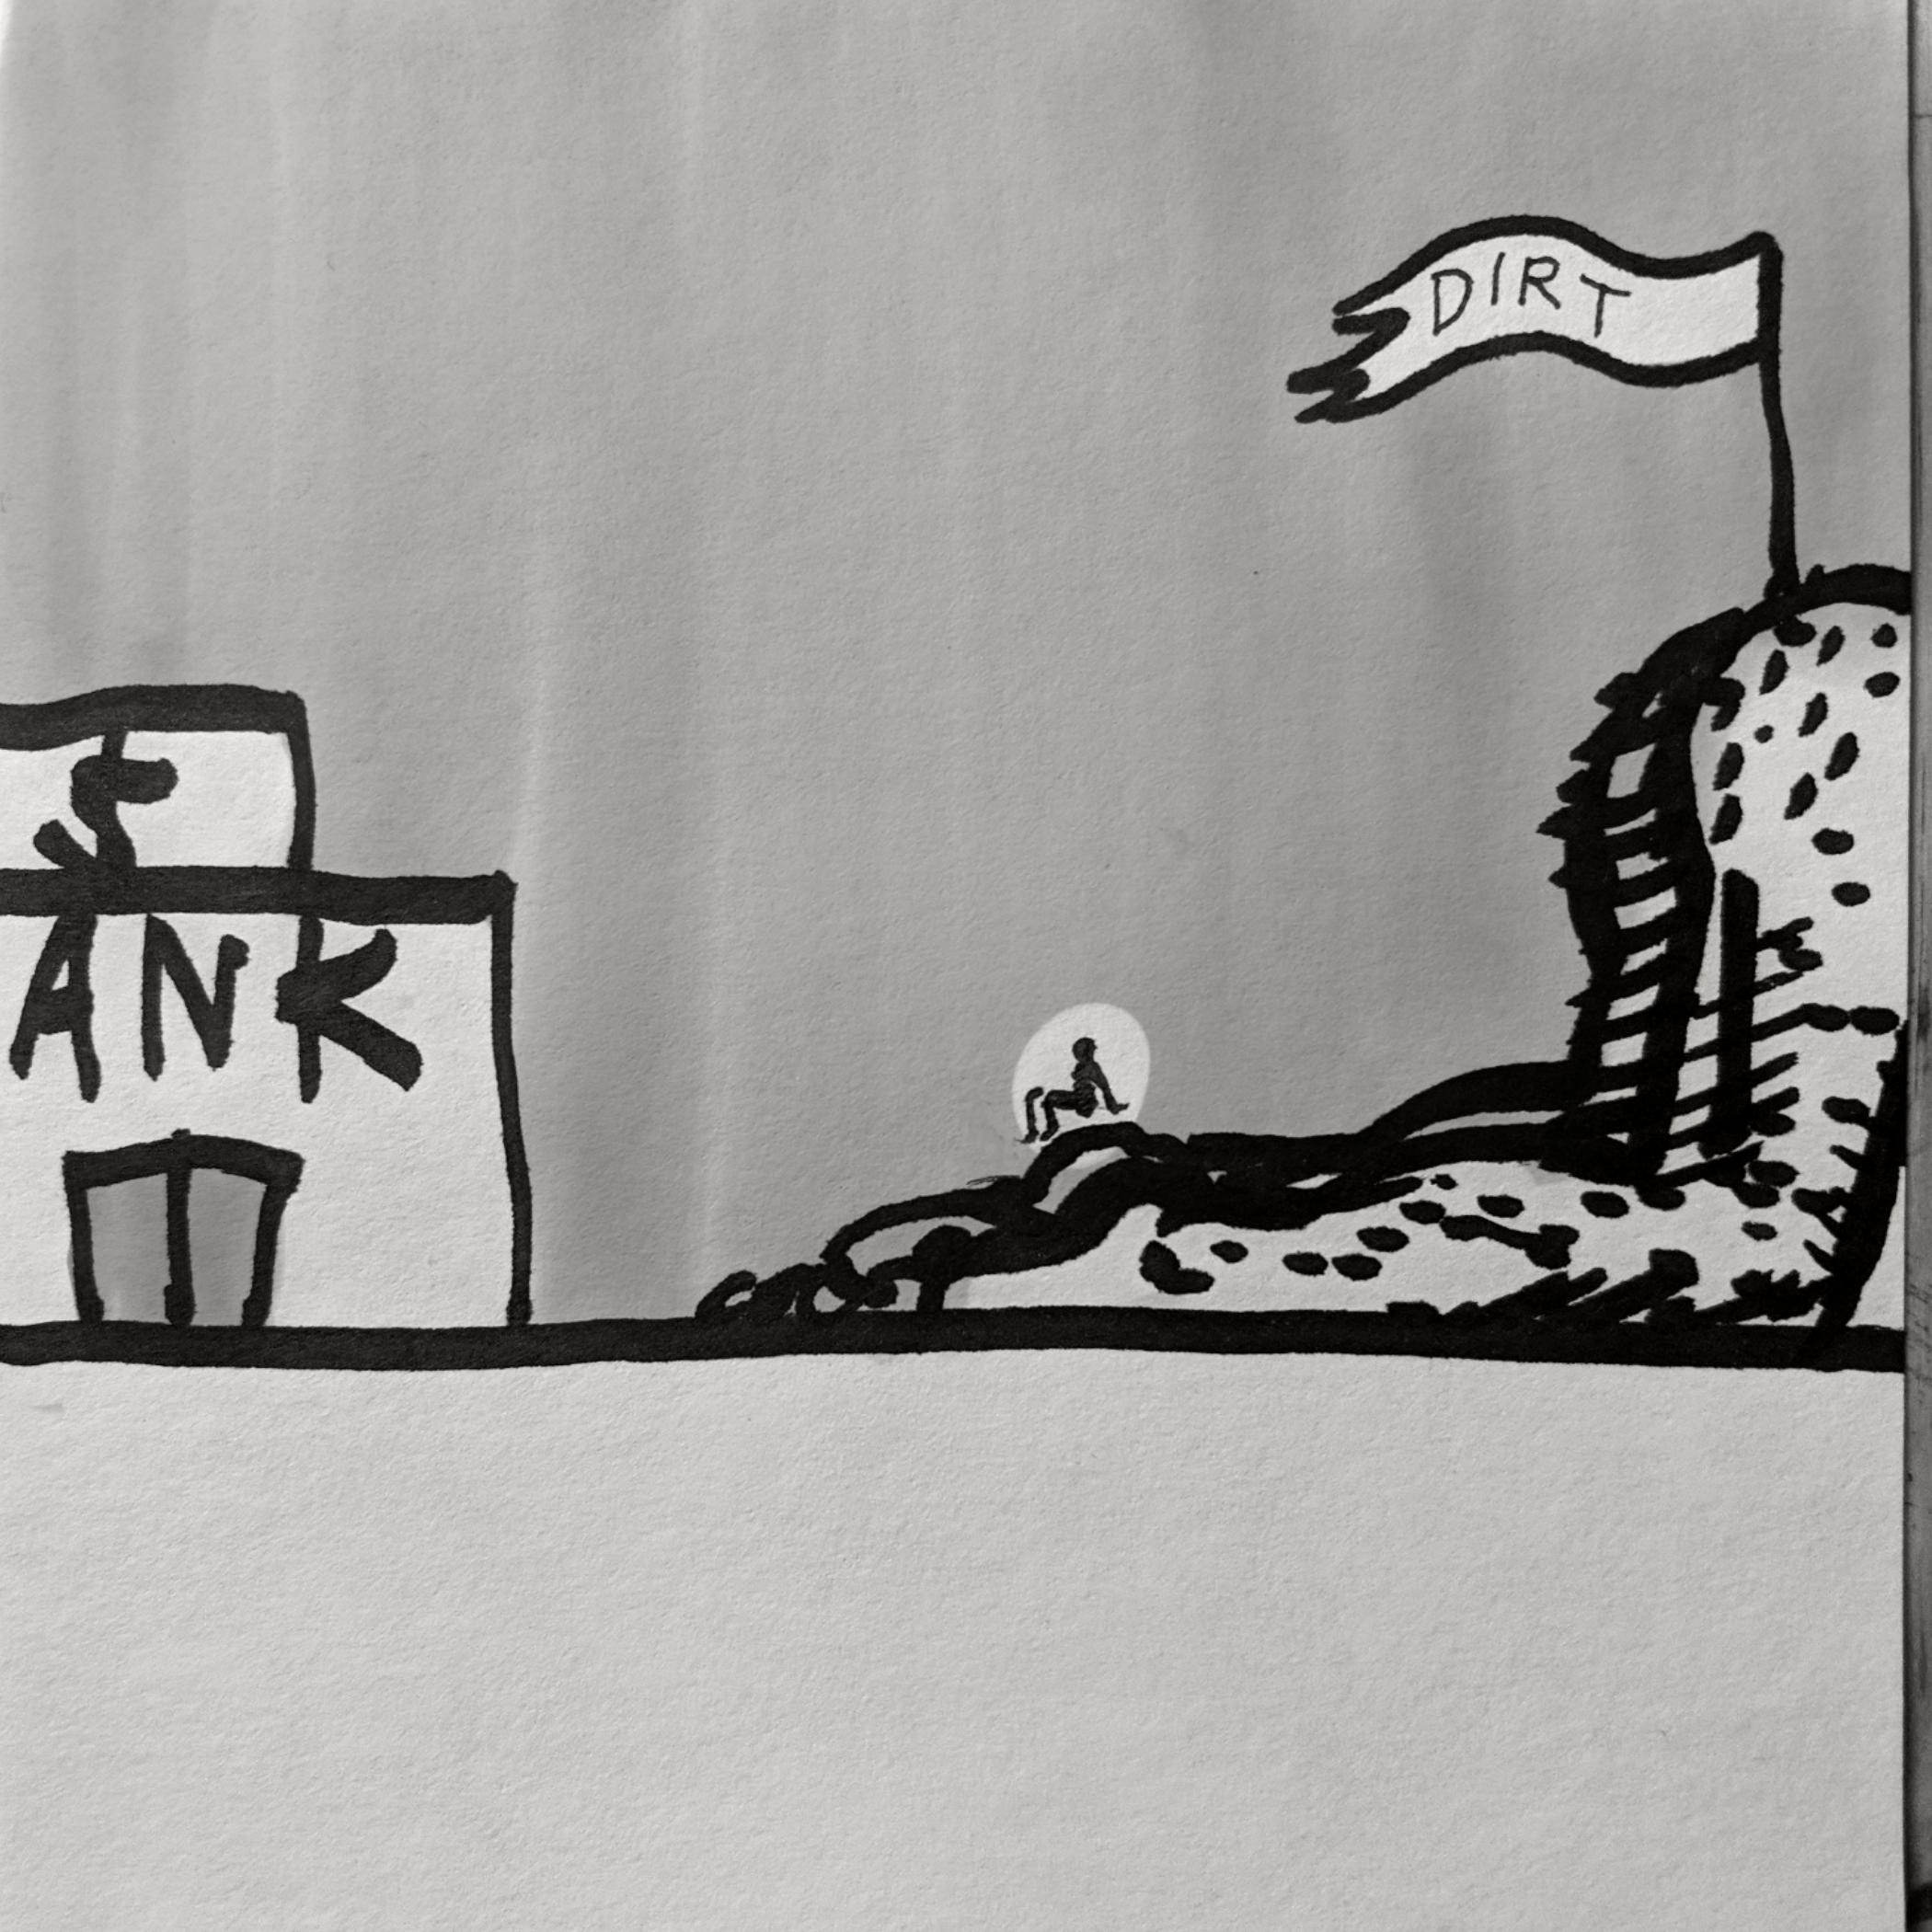 Bank Dirt_04.png